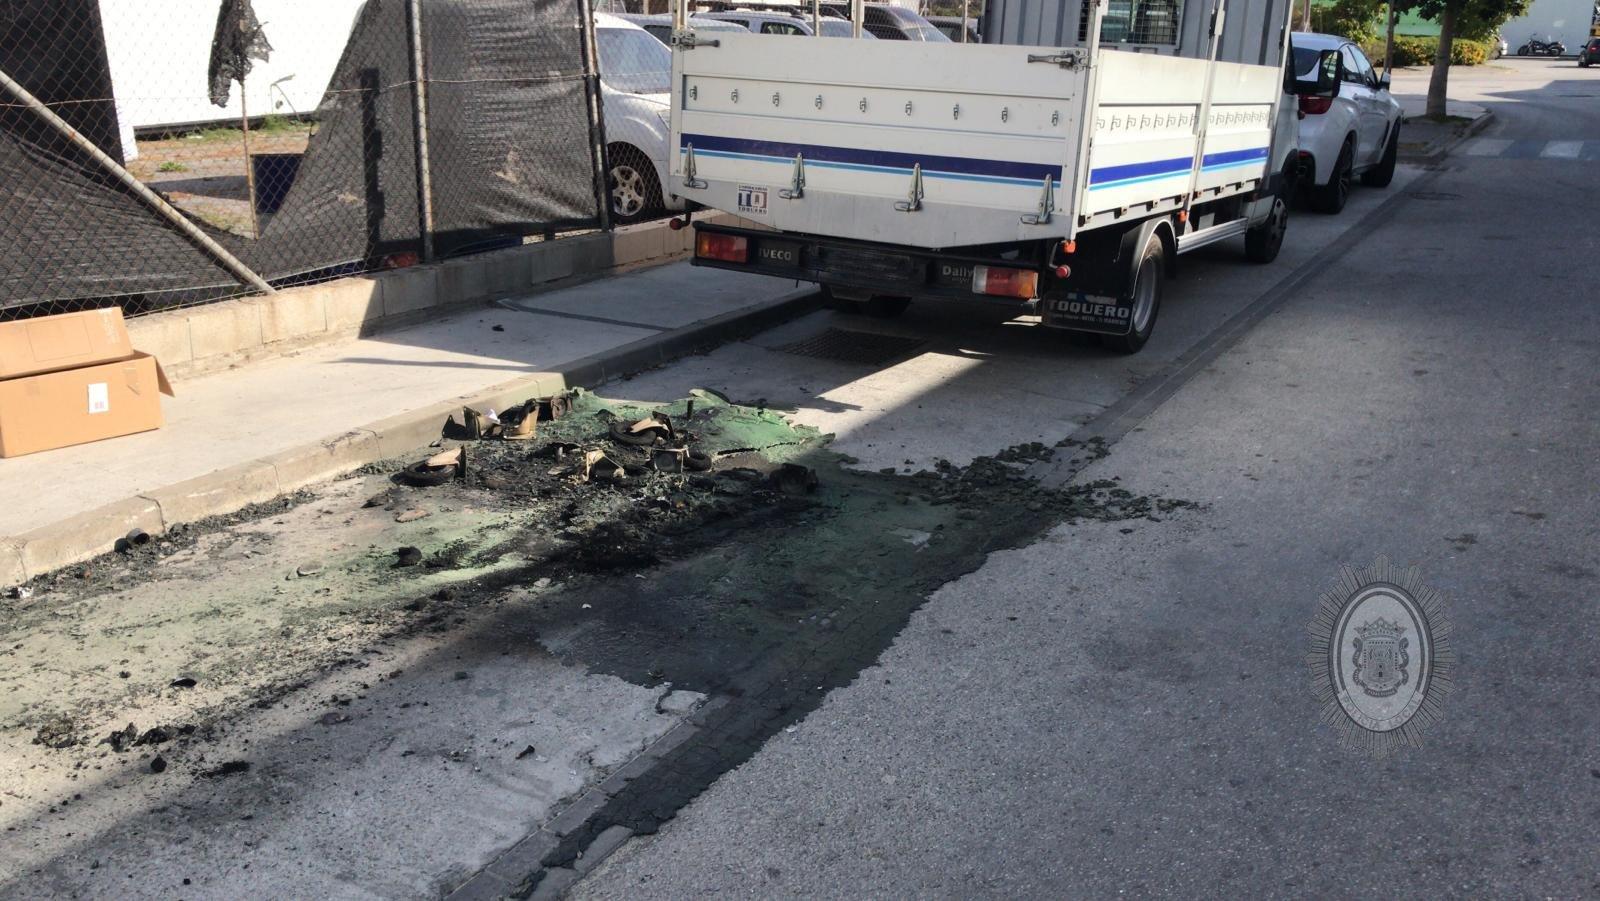 Detenidos dos jóvenes por quemar varios contenedores en Motril